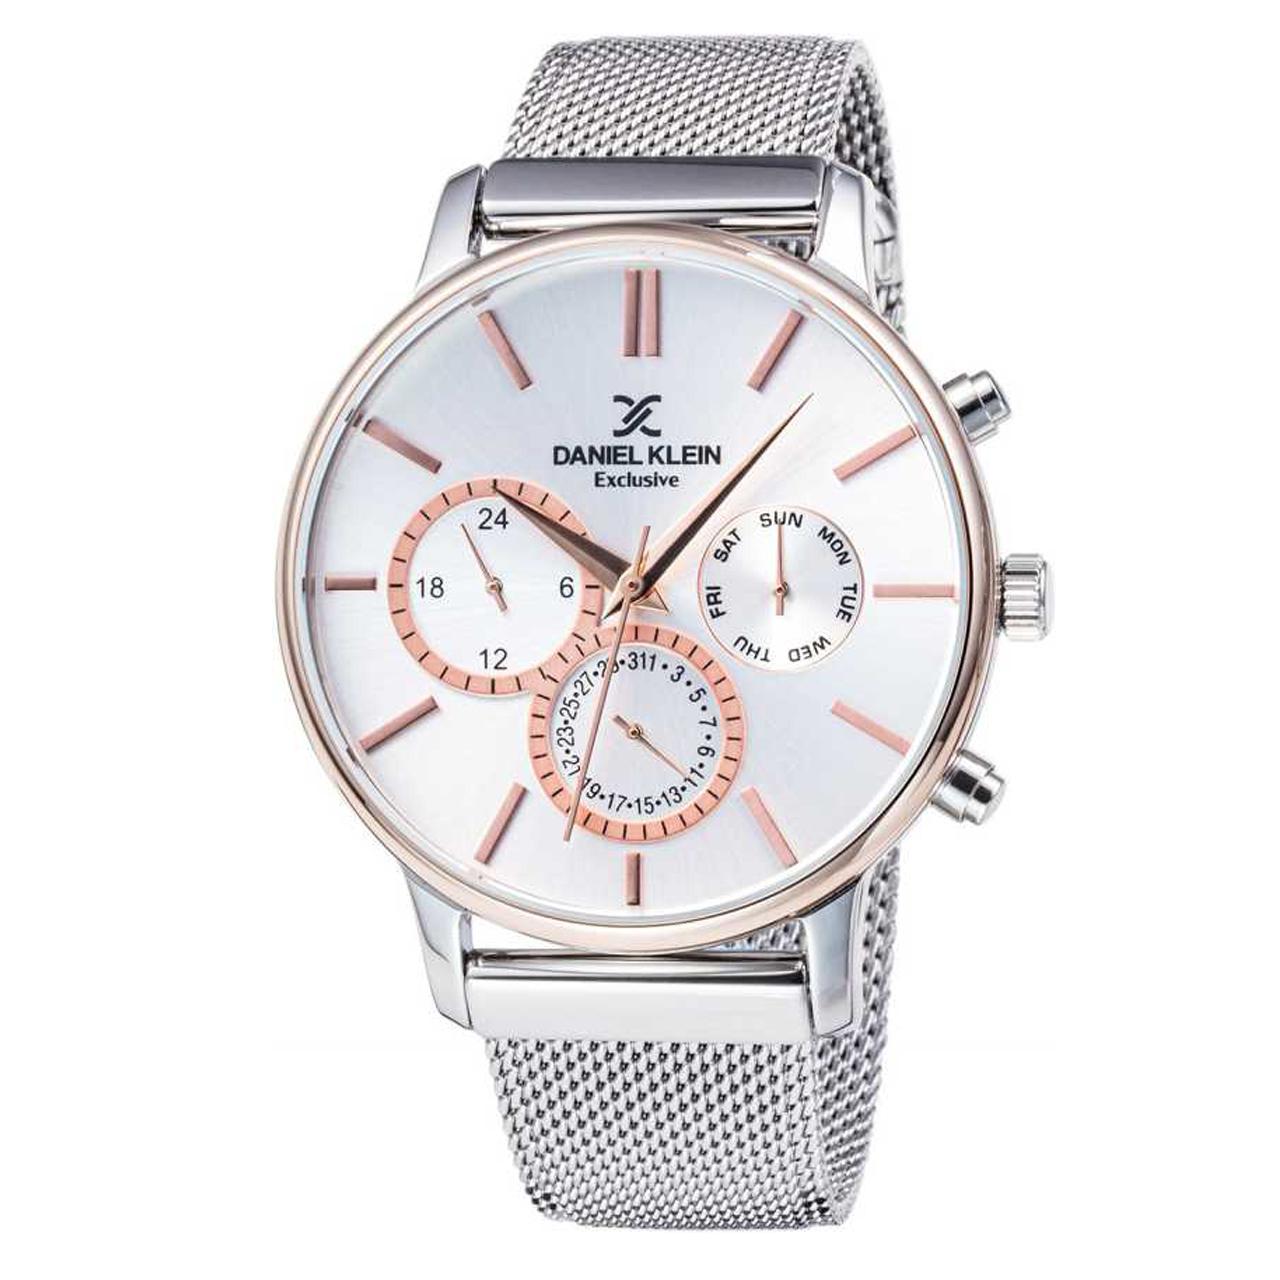 ساعت مچی عقربه ای مردانه دنیل کلین مدل DK11857-5 به همراه دستمال مخصوص برند کلین واچ 15